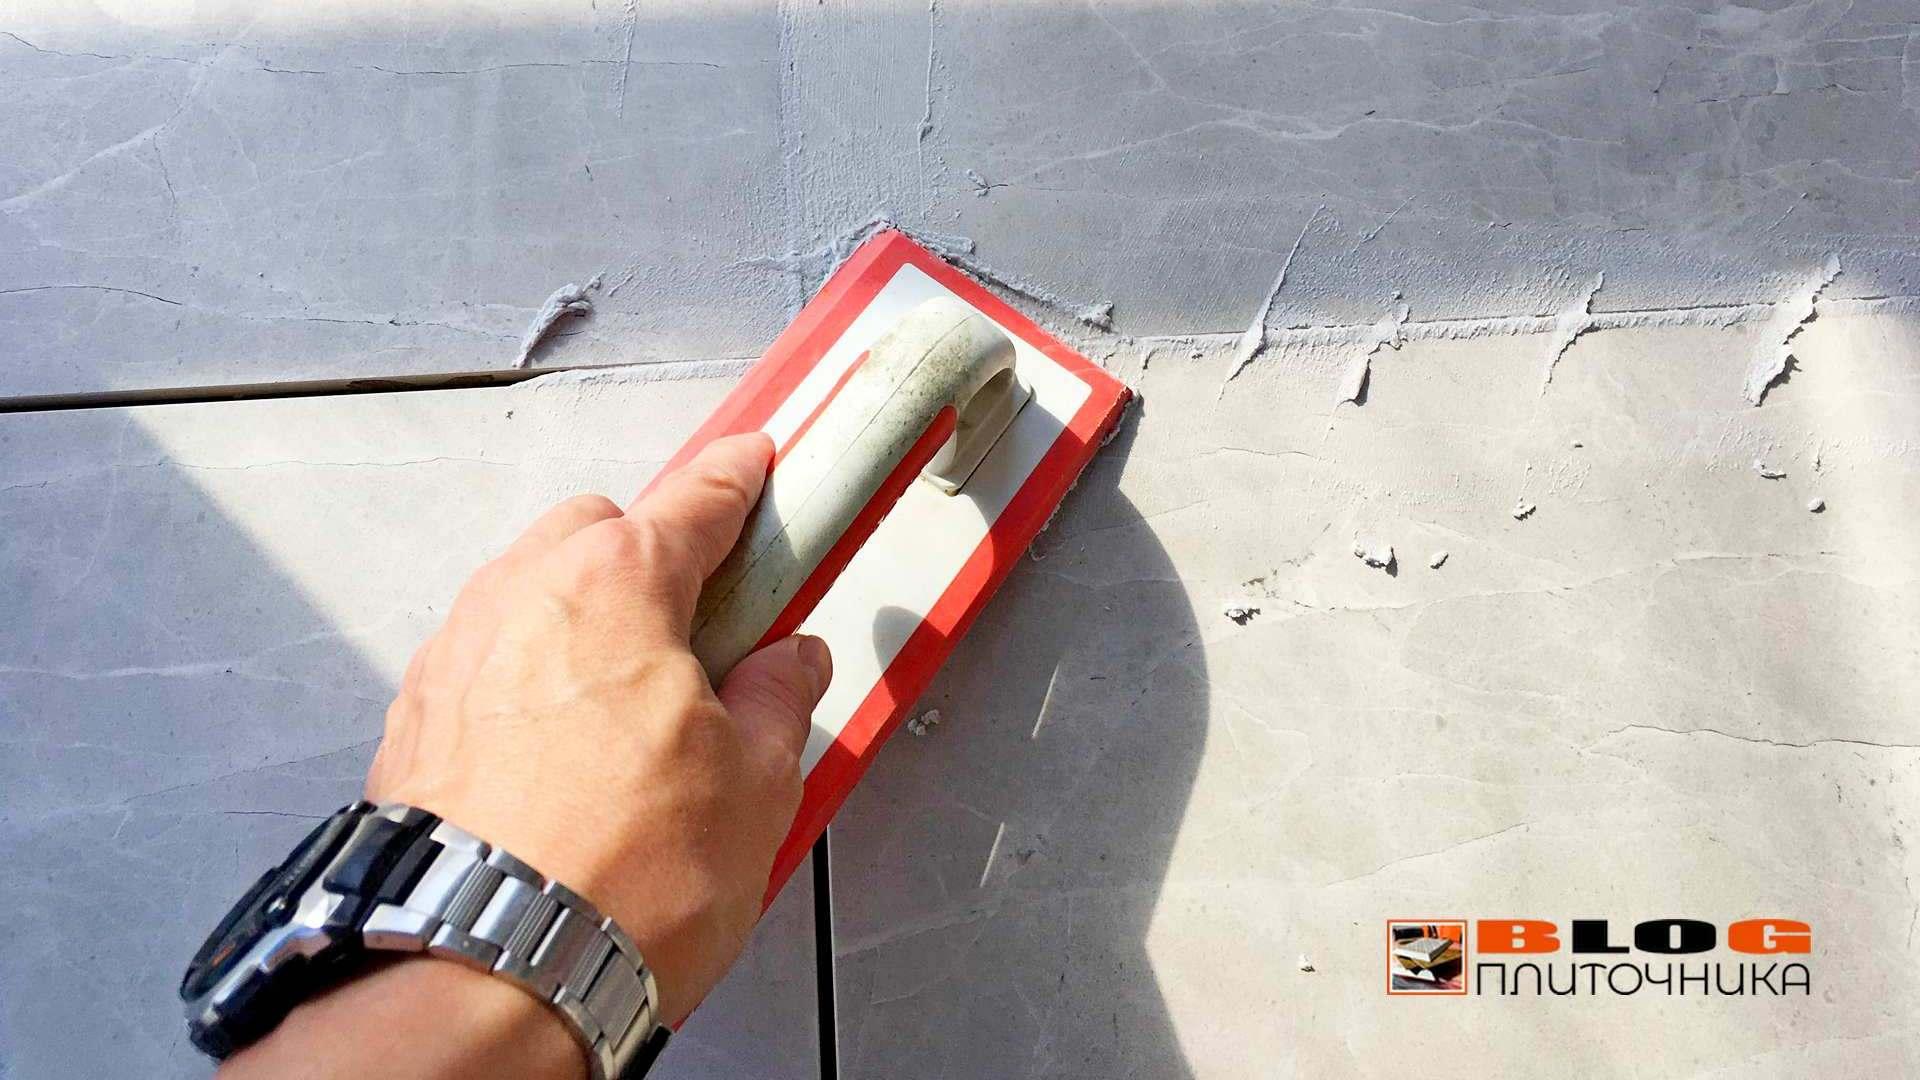 полимерная затирка швов под разными углами заполенение процесс фуговка швов керамогранита шов 4 мм блог плиточникаjpg